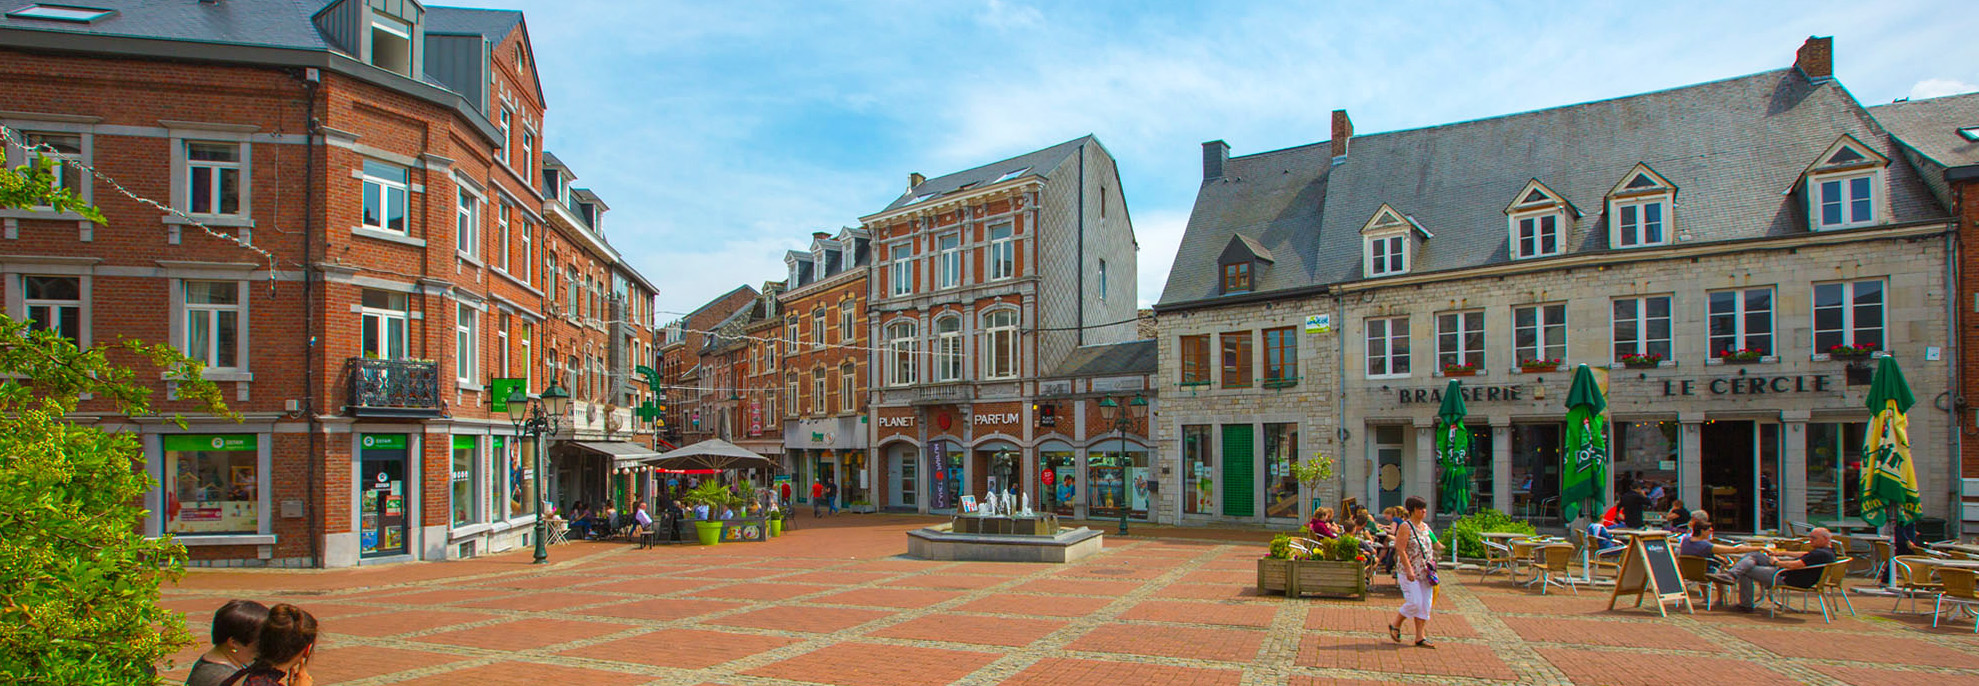 Marche-en-Famenne - Rue commerçante